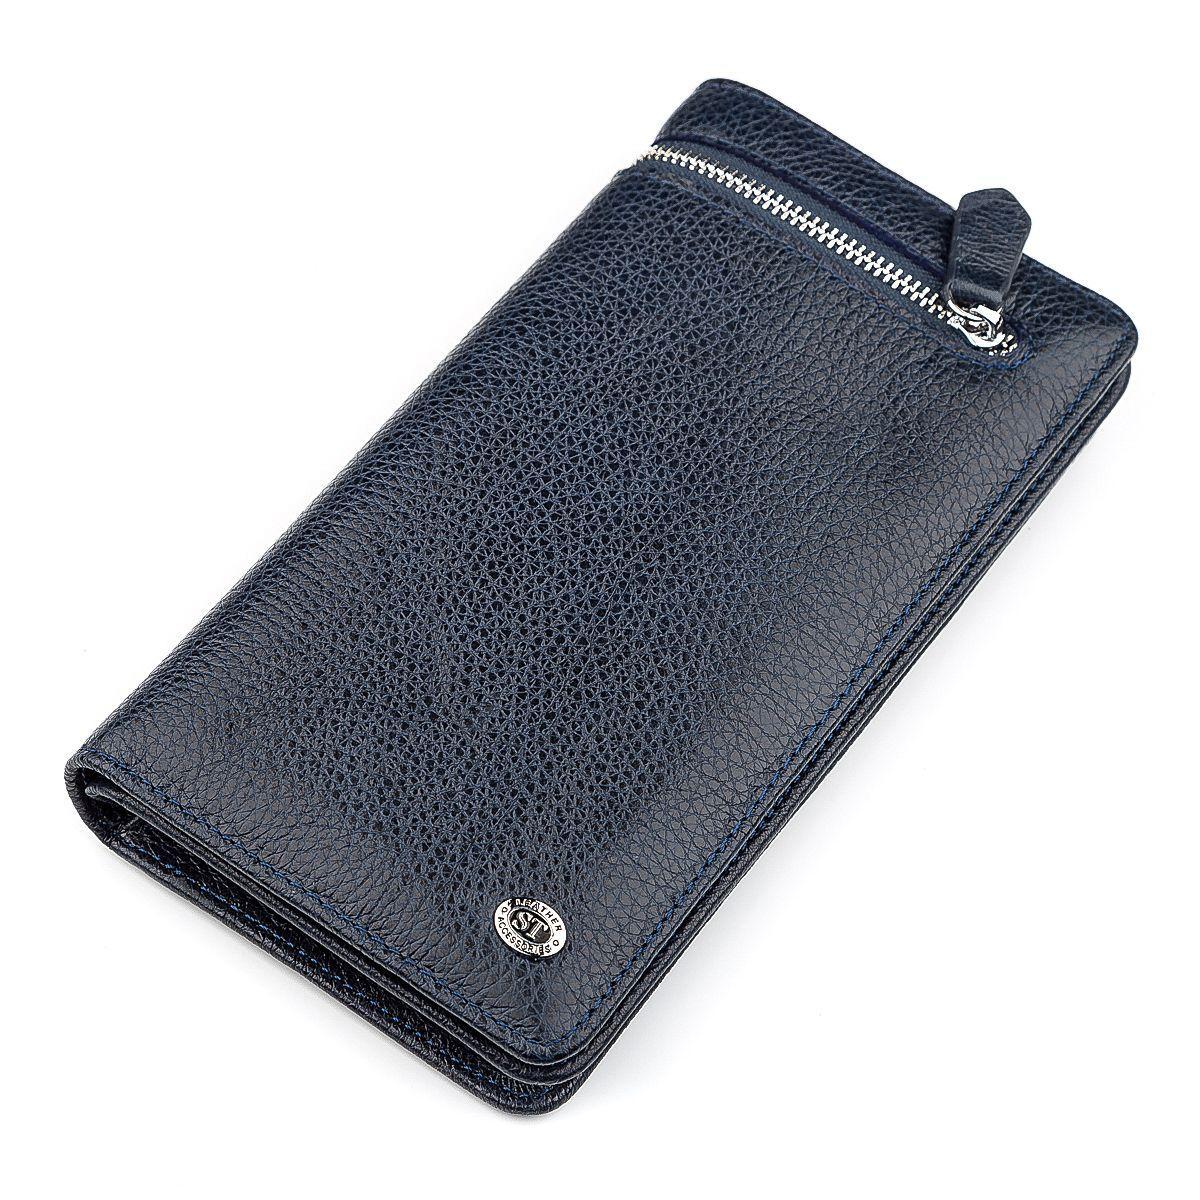 Мужской кошелек ST Leather 18443 (ST291) многофункциональный Синий, Синий